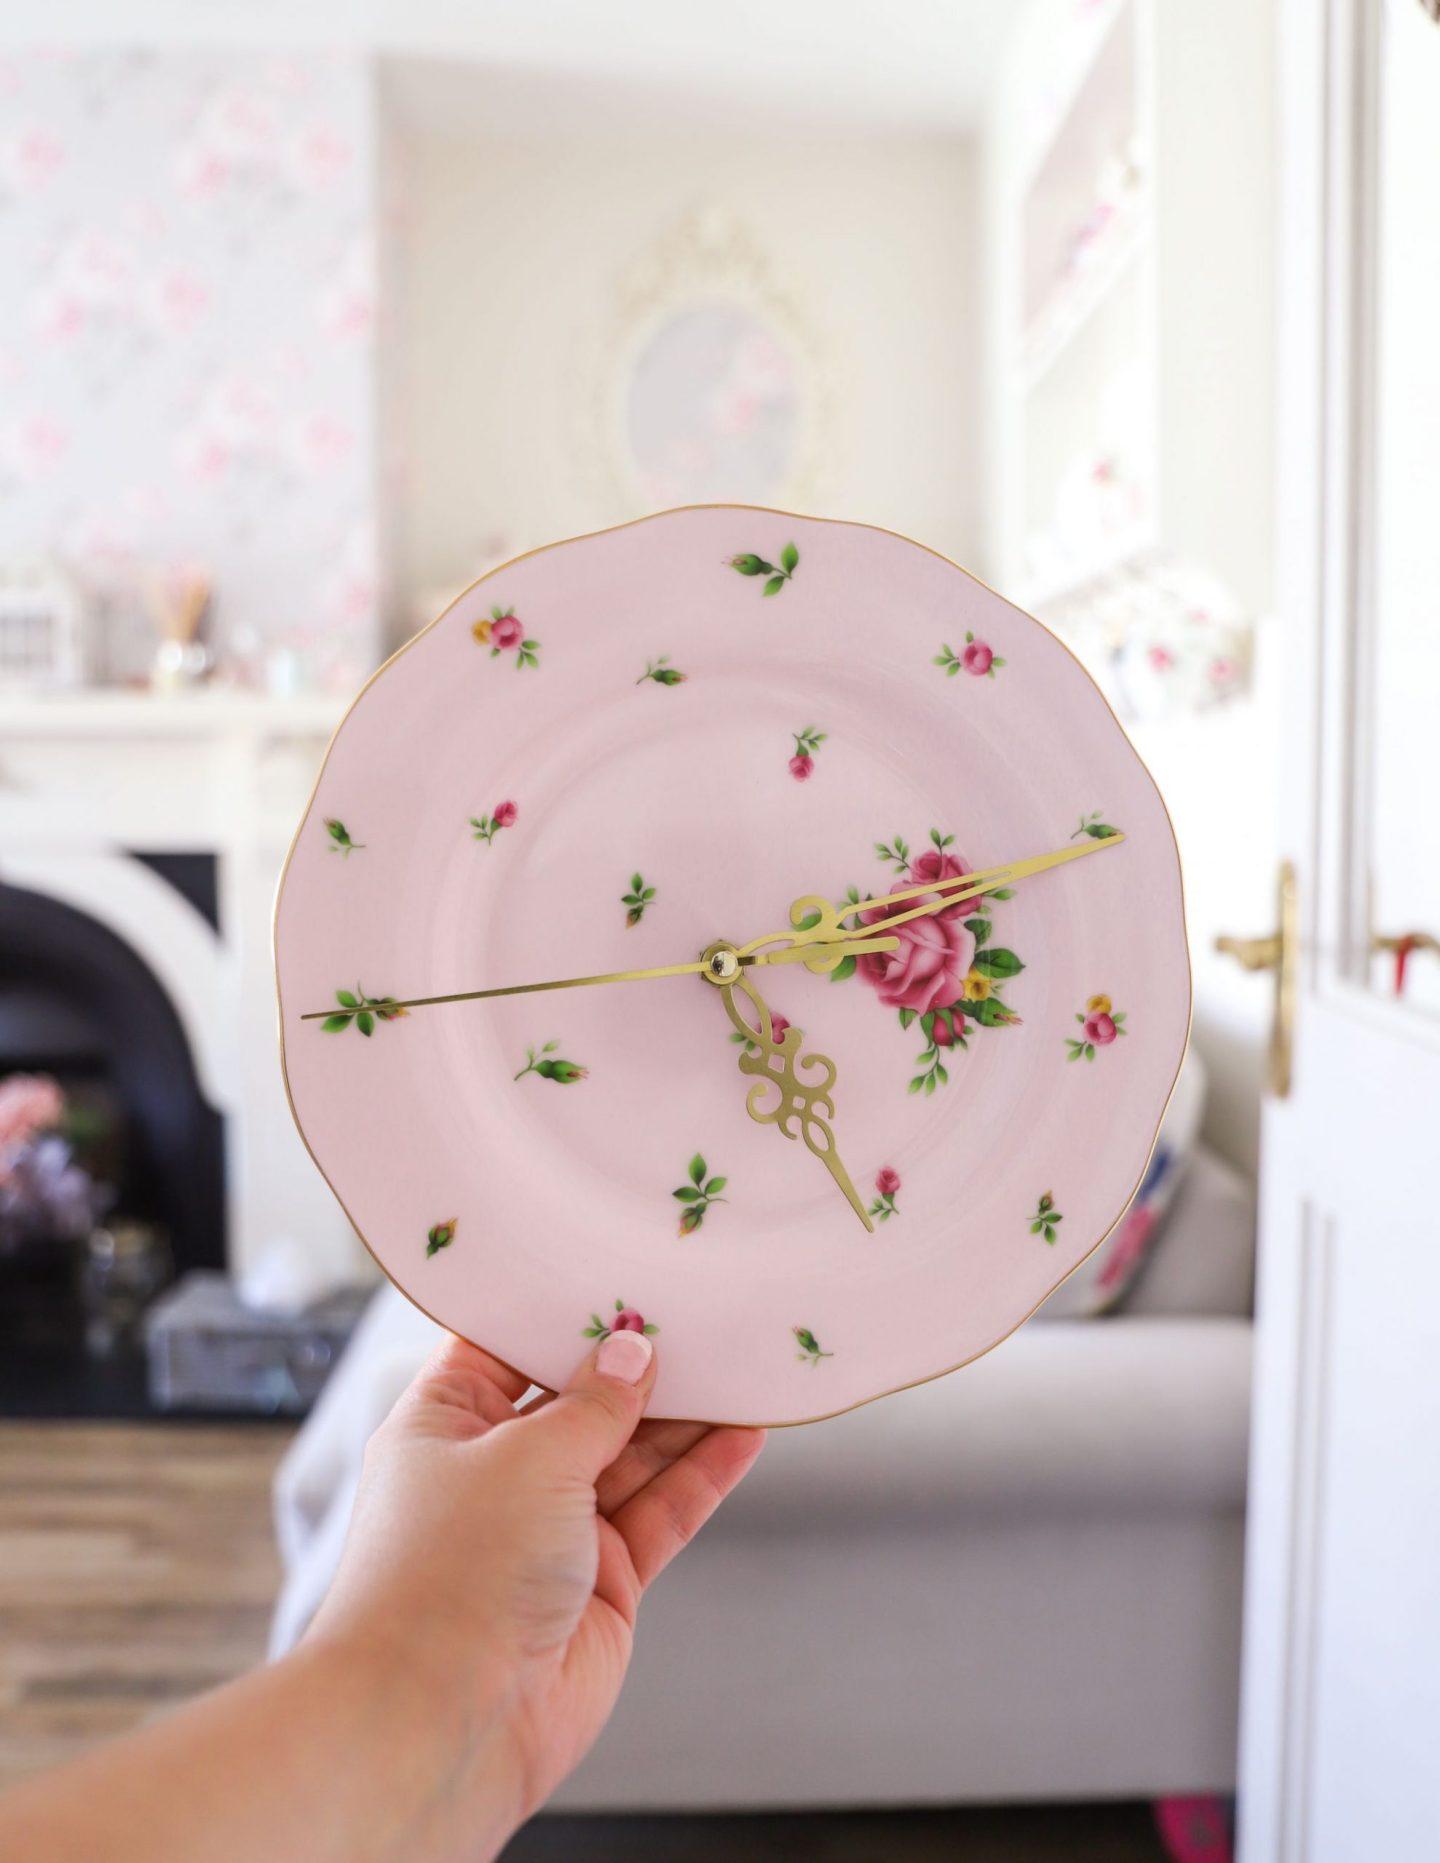 How to drill through ceramic, DIY ceramic clock